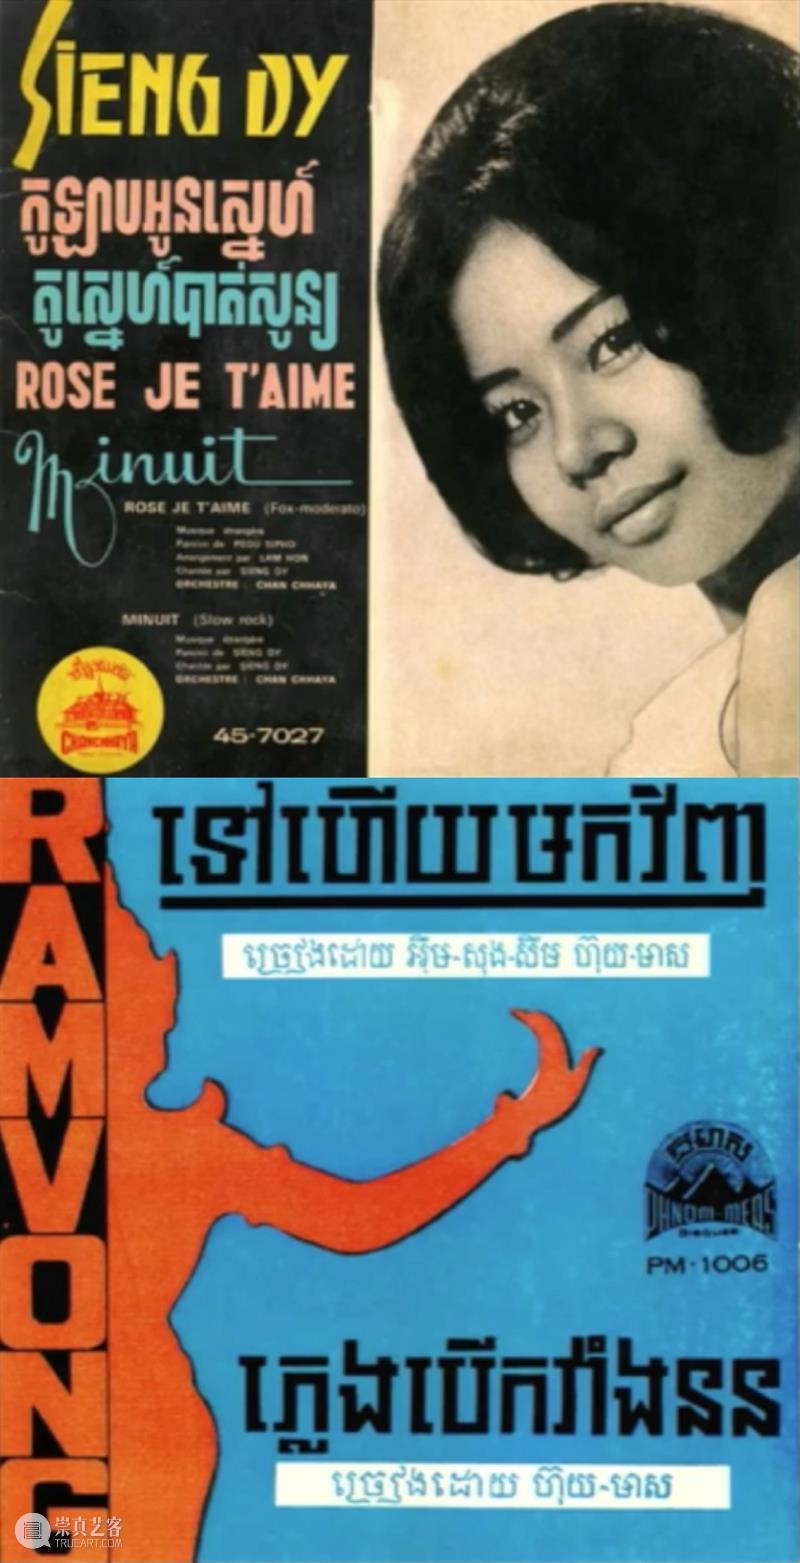 【RAM回顾】红与金——柬埔寨纪实影录 柬埔寨 影录 RAM 编者按 影评 写作者 影片 金边 电影节 经验 崇真艺客